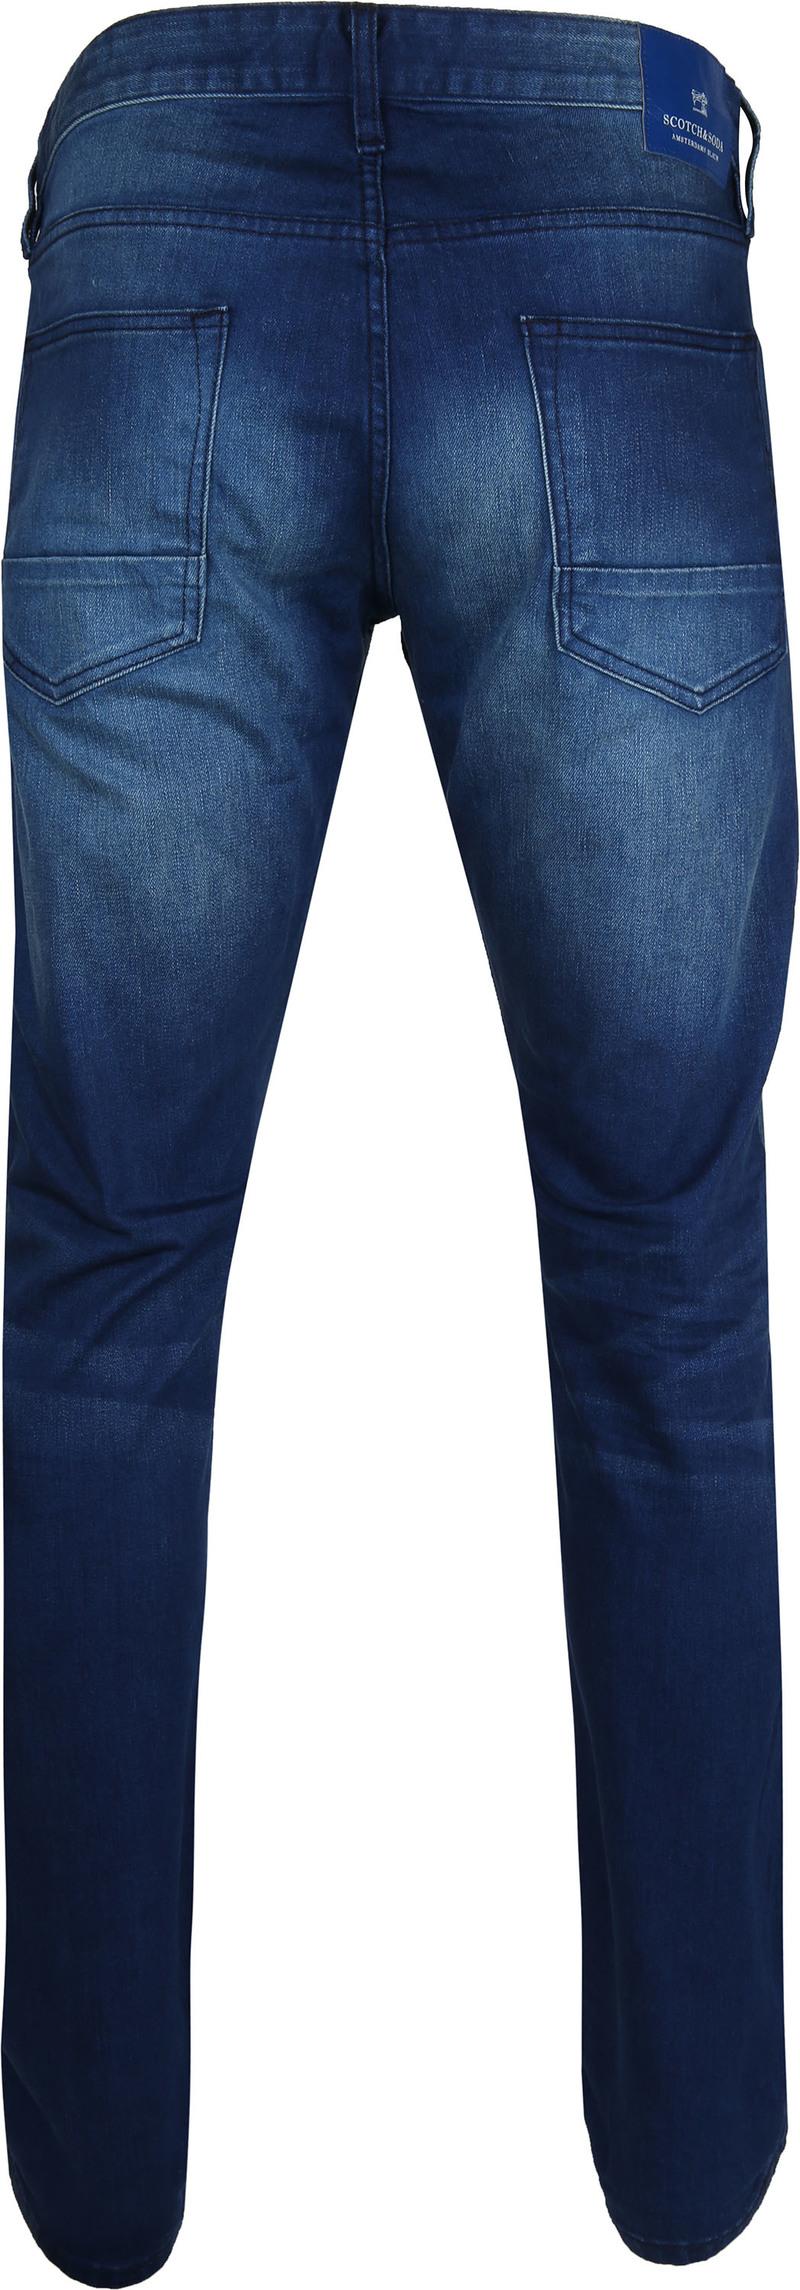 Scotch and Soda Ralston Jeans Blauw foto 3